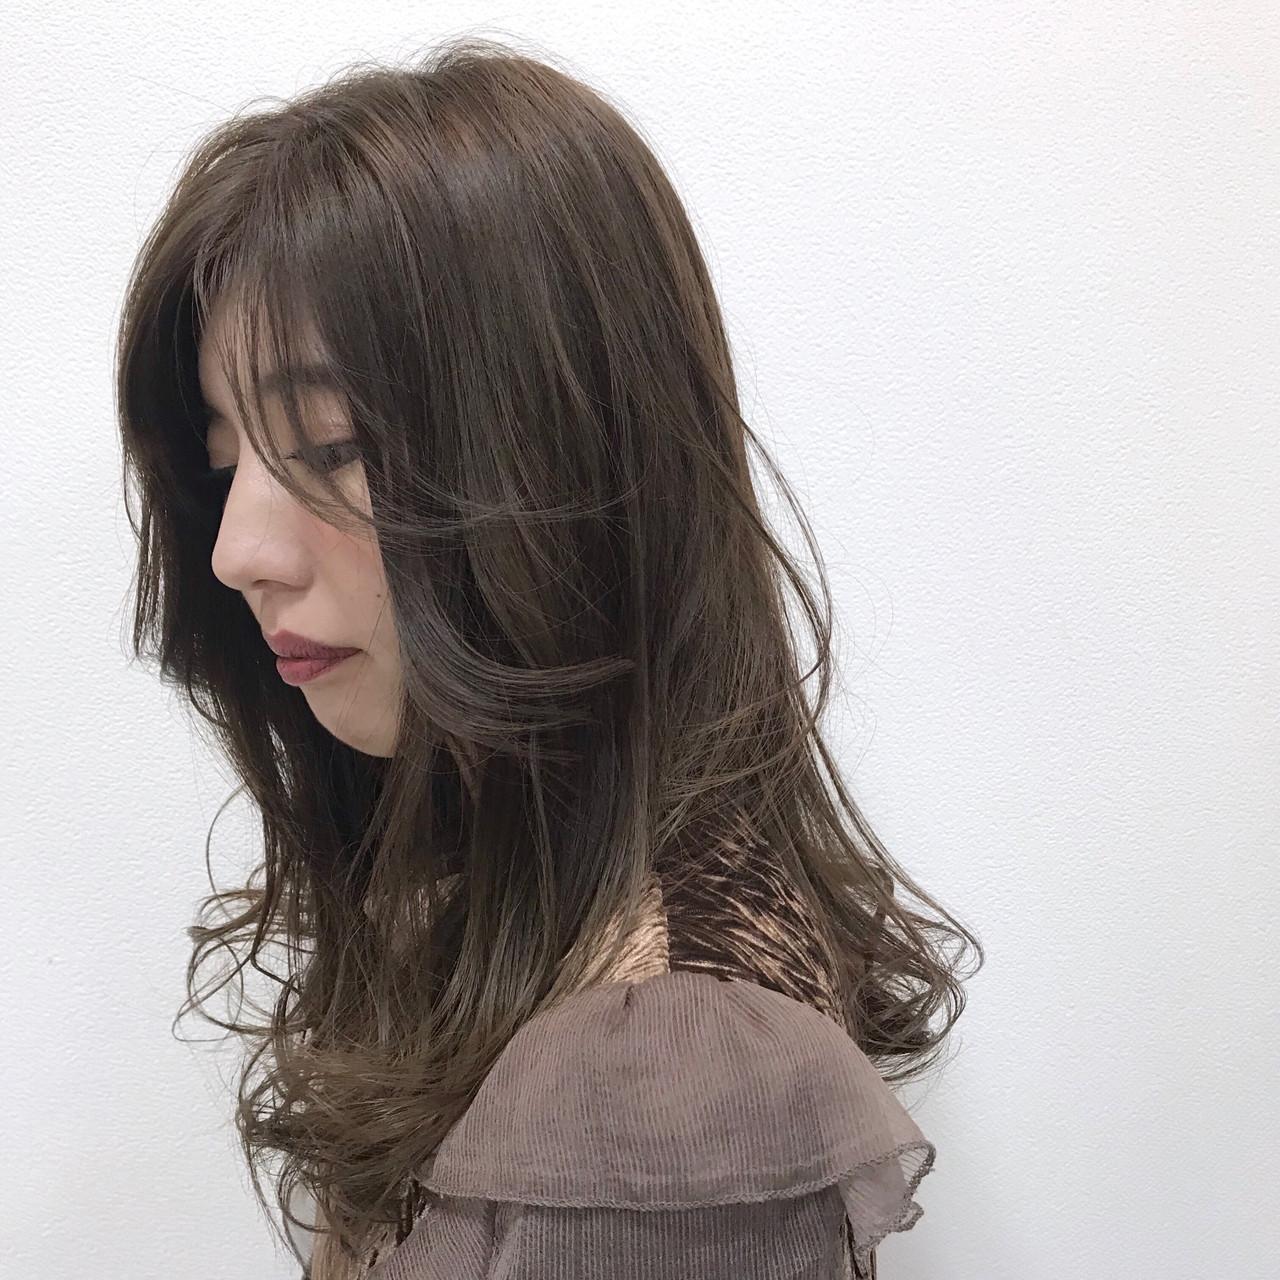 ハイライト アンニュイほつれヘア デート 透明感 ヘアスタイルや髪型の写真・画像